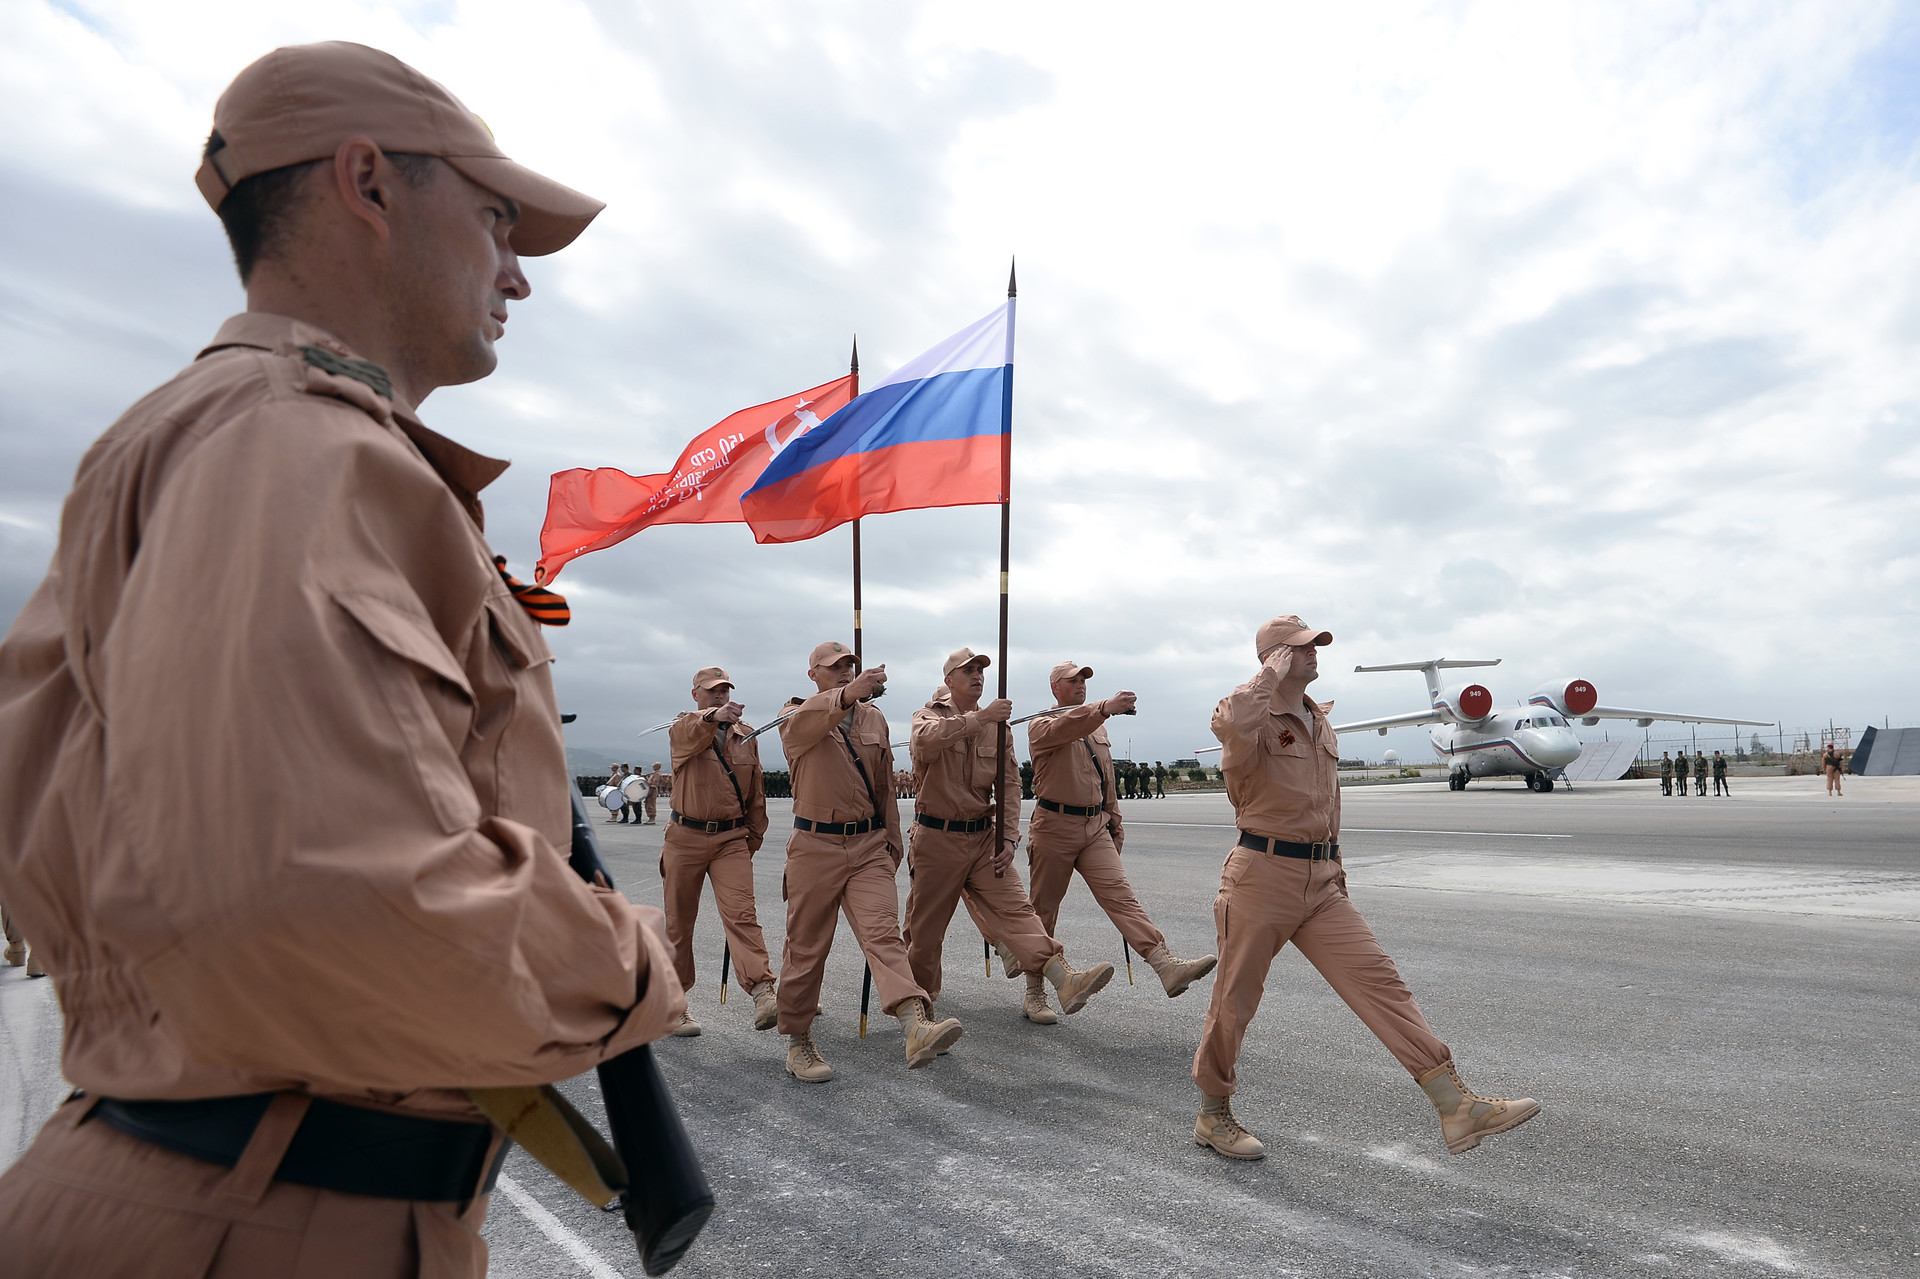 Военнослужащие на репетиции военного парада на авиабазе Хмеймим в Сирии © Максим Блинов / РИА Новости